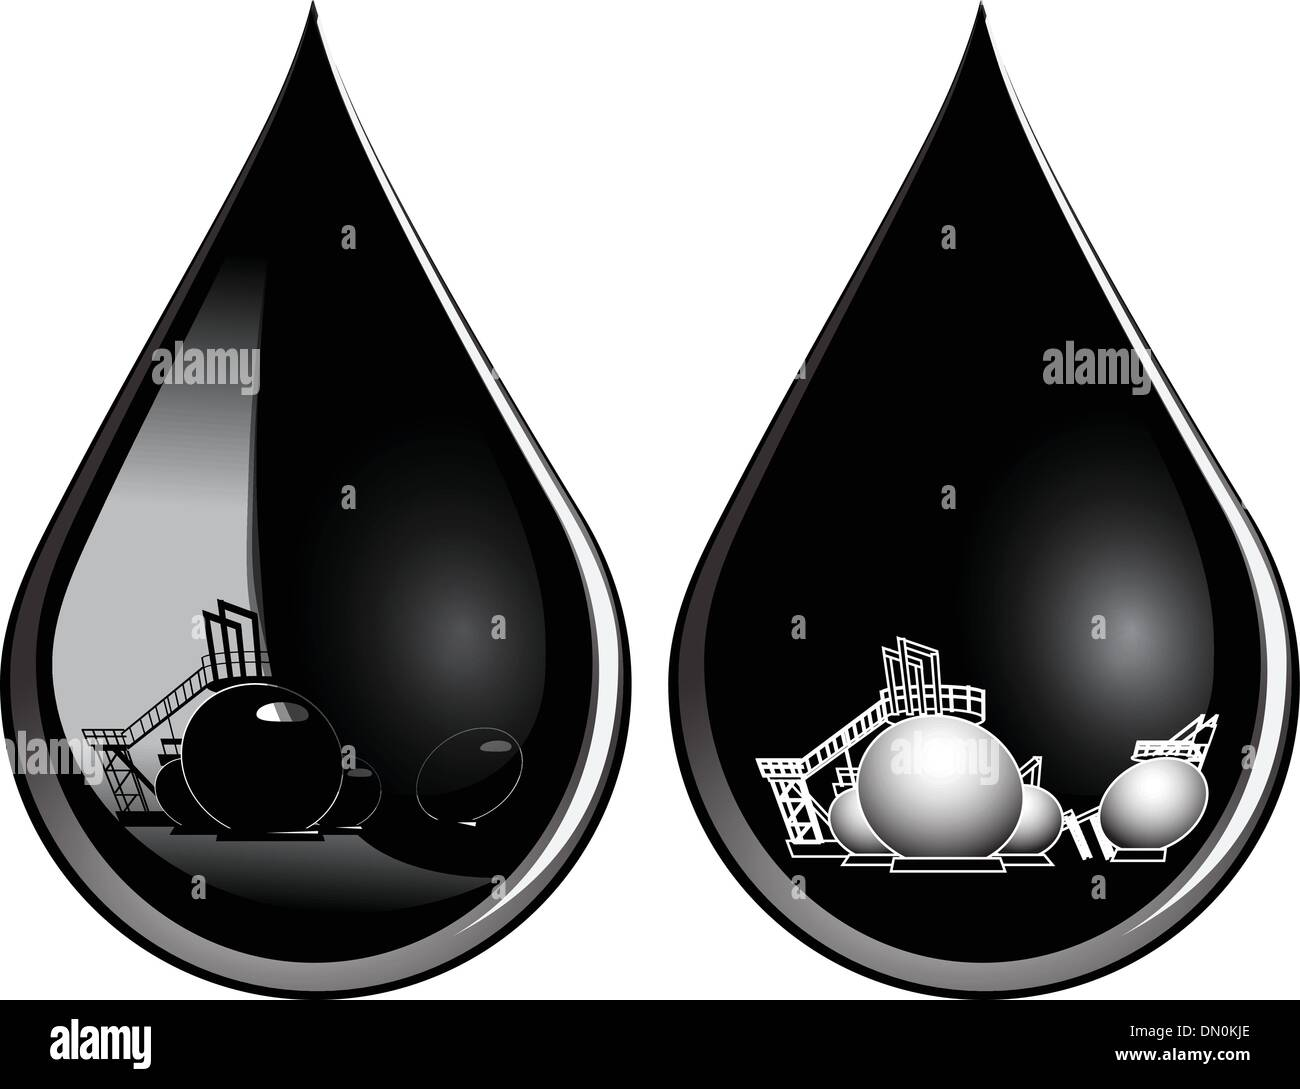 Gota de aceite Imagen De Stock